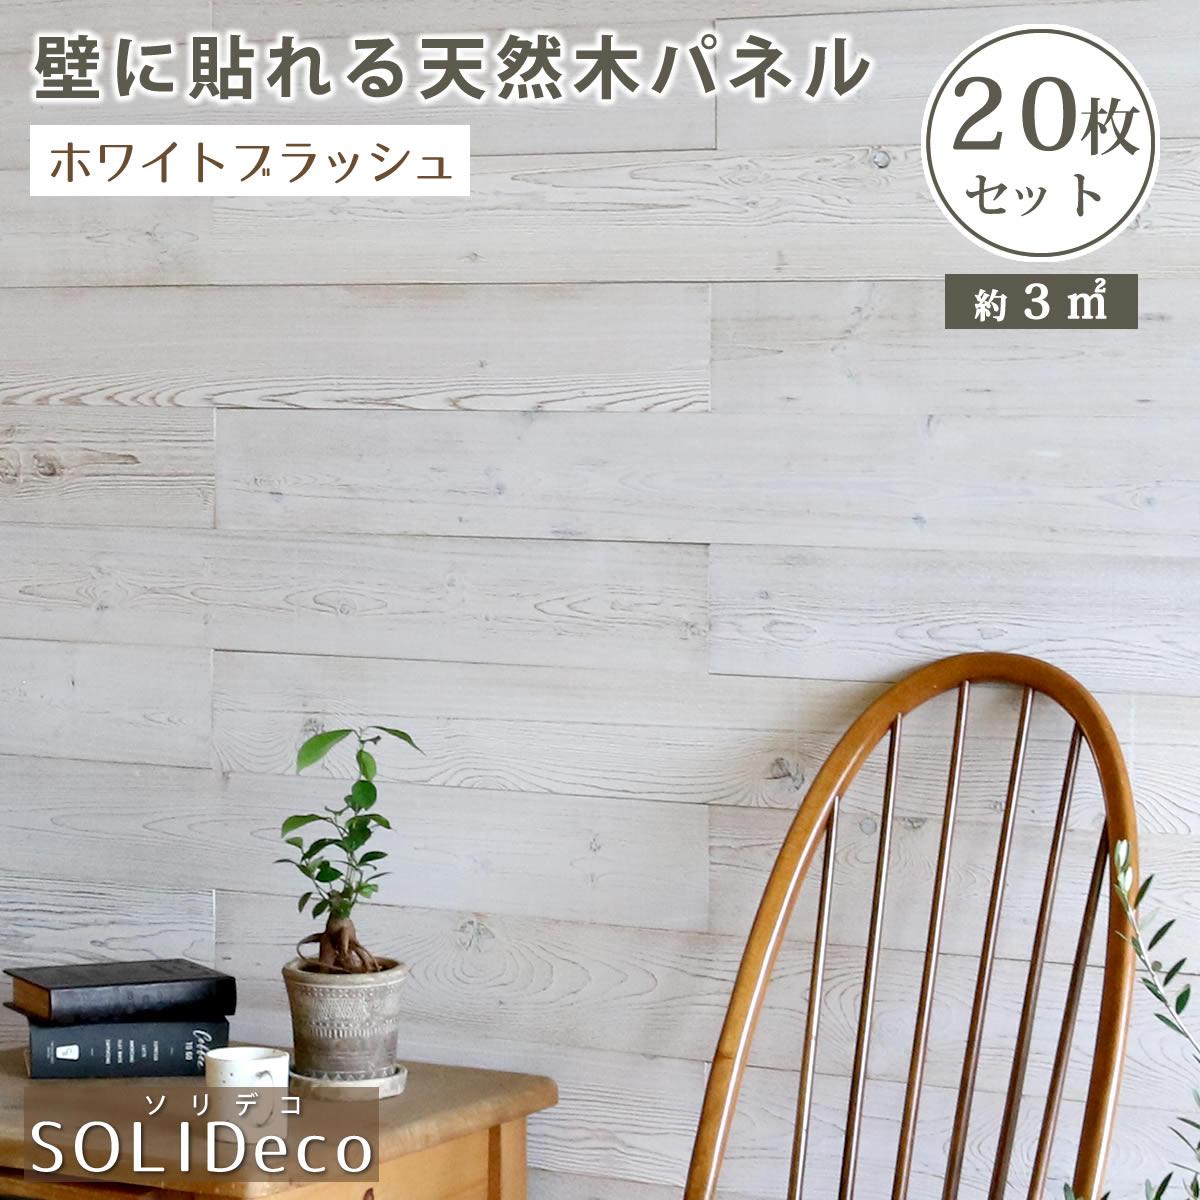 壁紙・装飾フィルム 壁紙 SOLIDECO 壁に貼れる天然木パネル ナチュラルシリーズ (ホワイトブラッシュ) 20枚組 (約3m2)SLDC-20P-003WHT 壁パネル ウォールパネル ウッドパネル DIY 壁紙